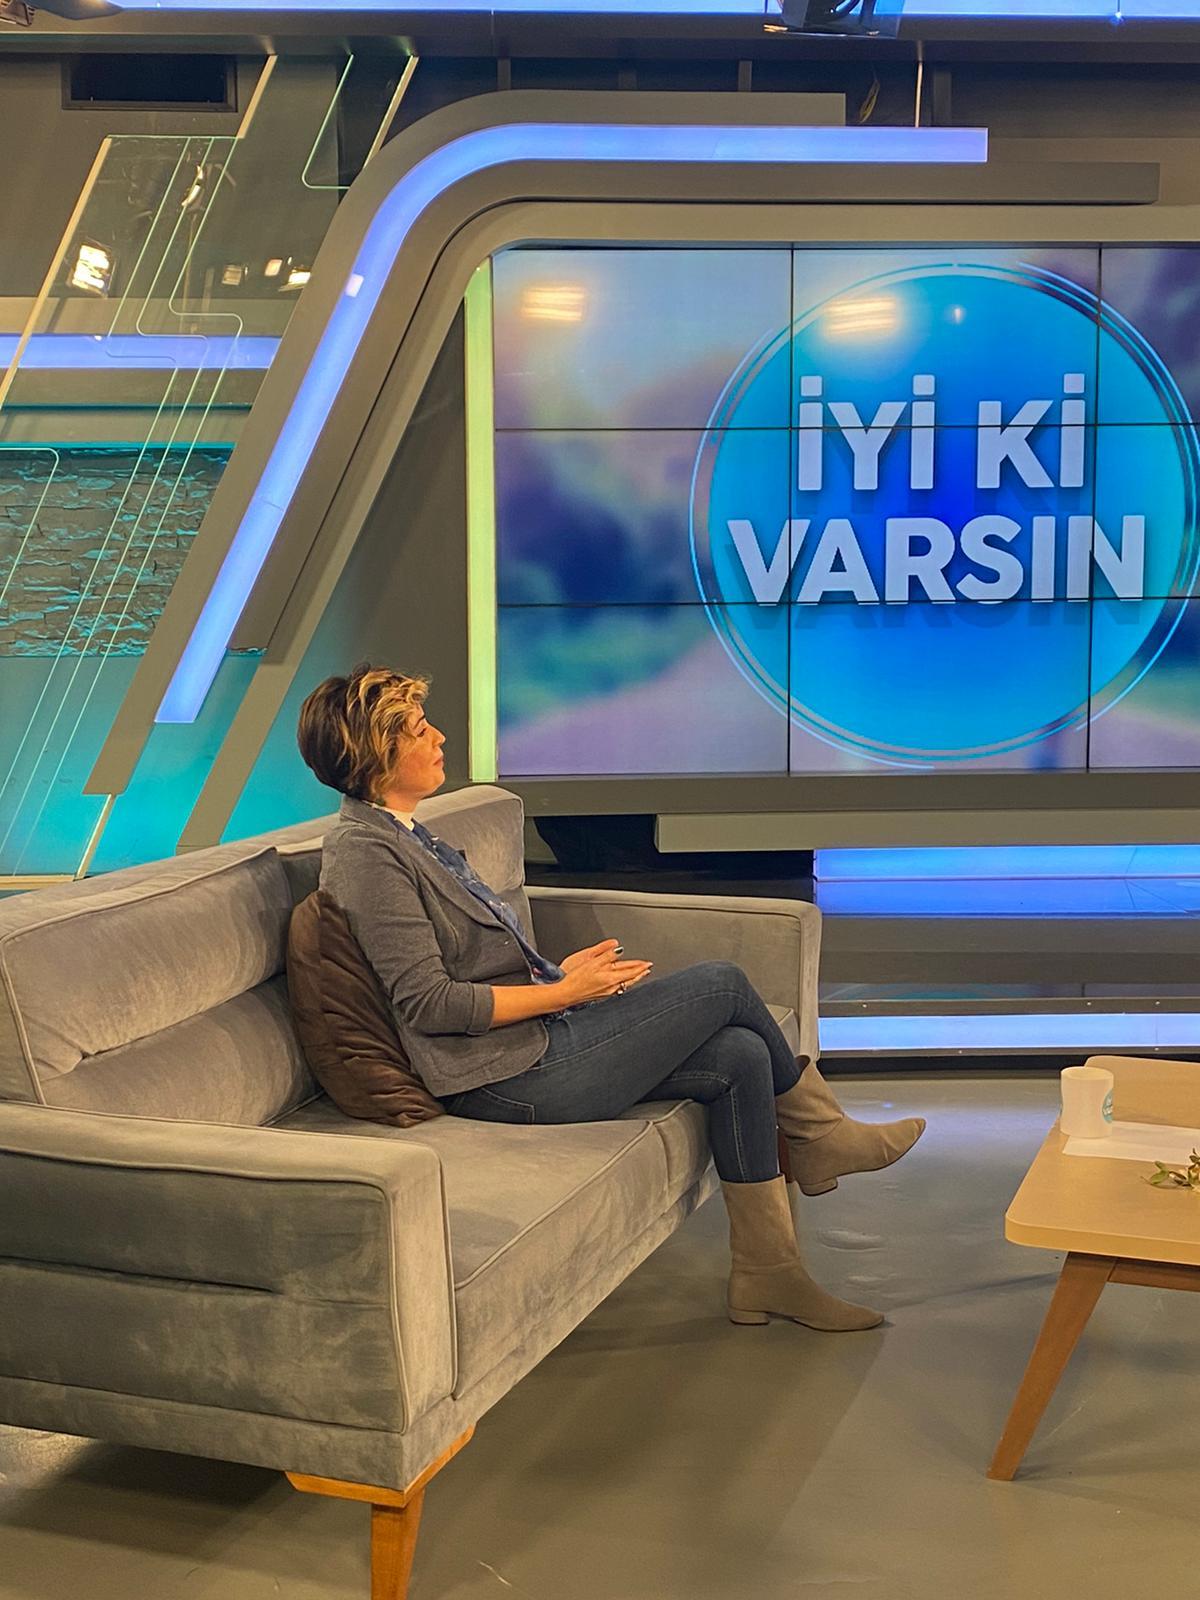 Ayfer ÖZDEMİR, 26.12.2020 günü Beyaz TV İyi ki varsın programı çekimlerinden